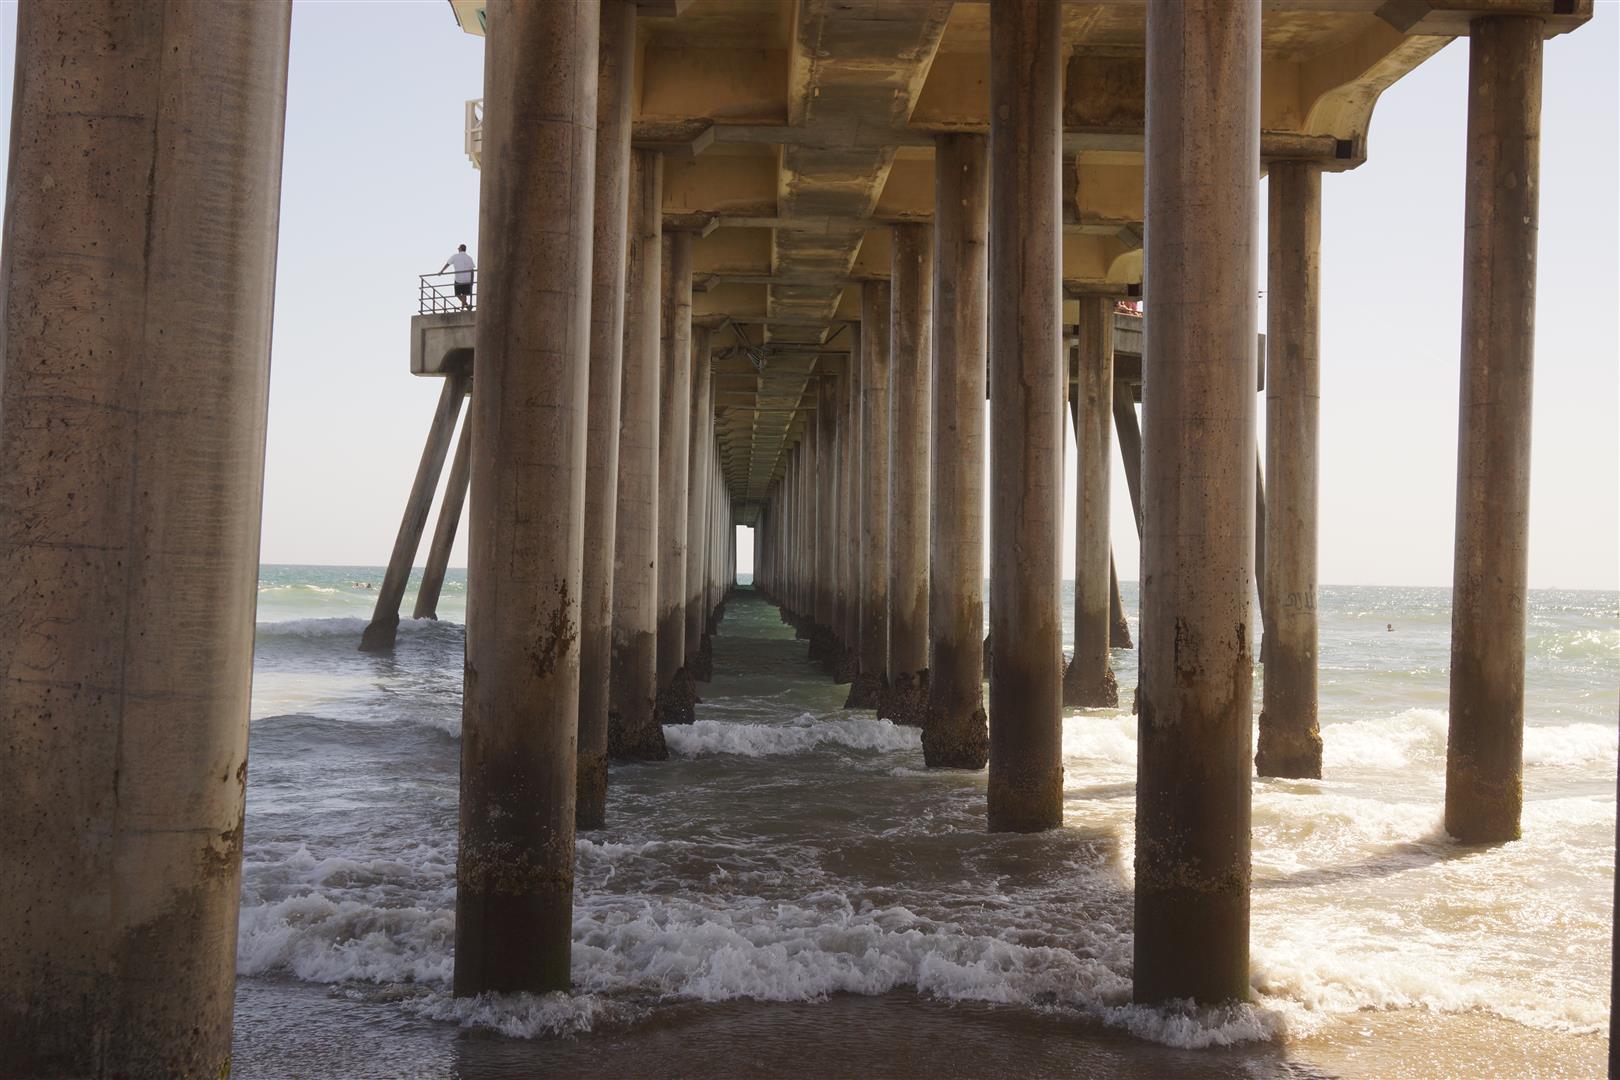 Zum Abschluss noch ne Aufnahme des Piers am Huntington Beach.